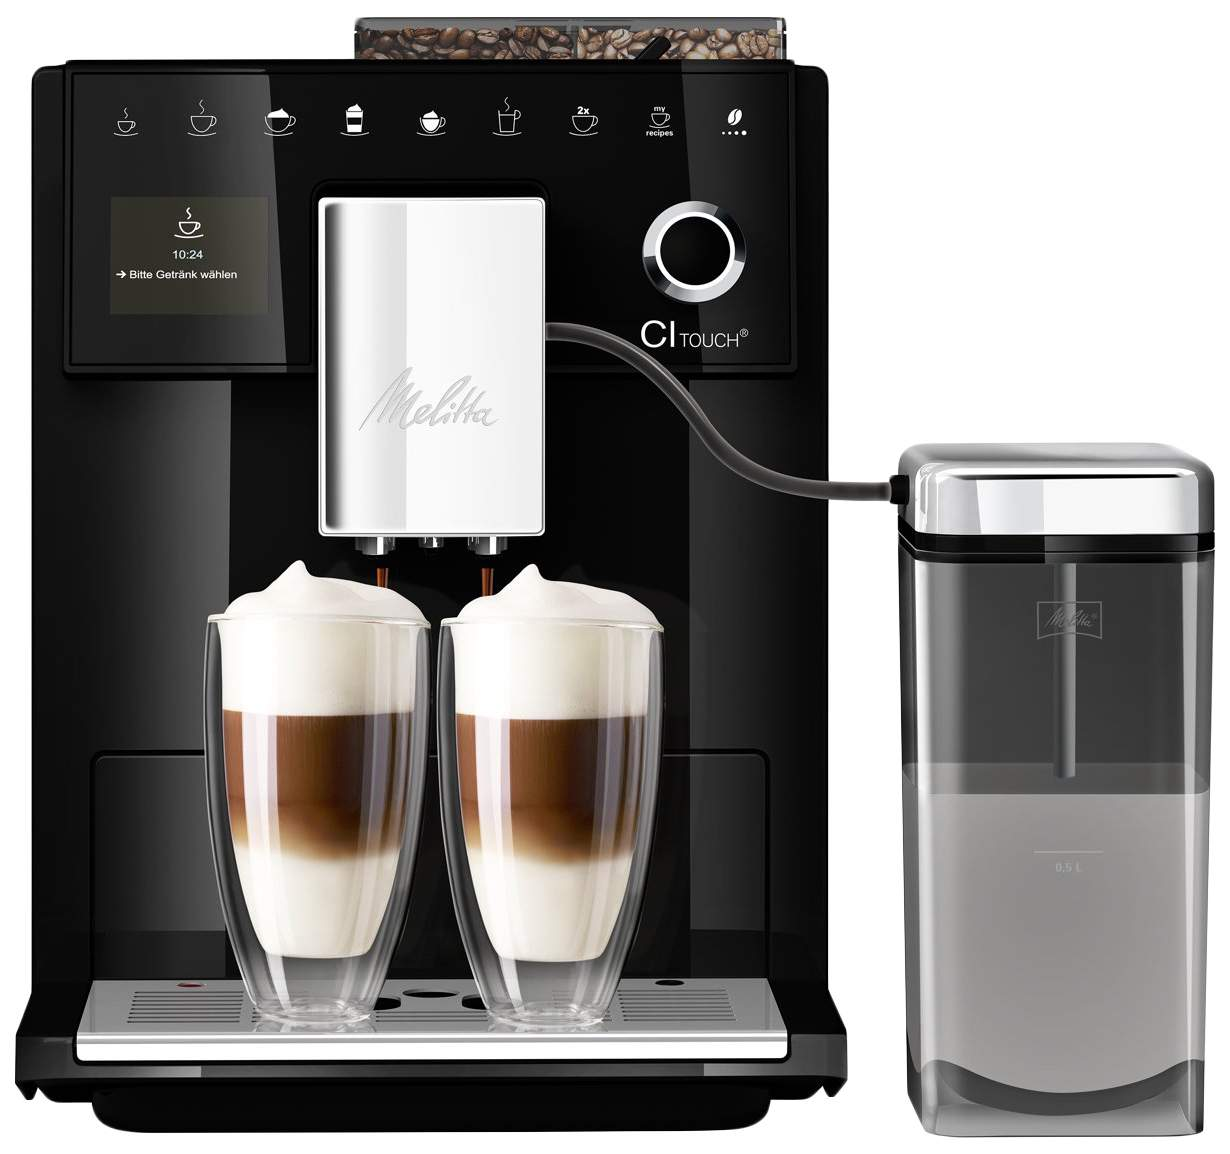 Melitta Caffeo F 630-102 CI Touch Black